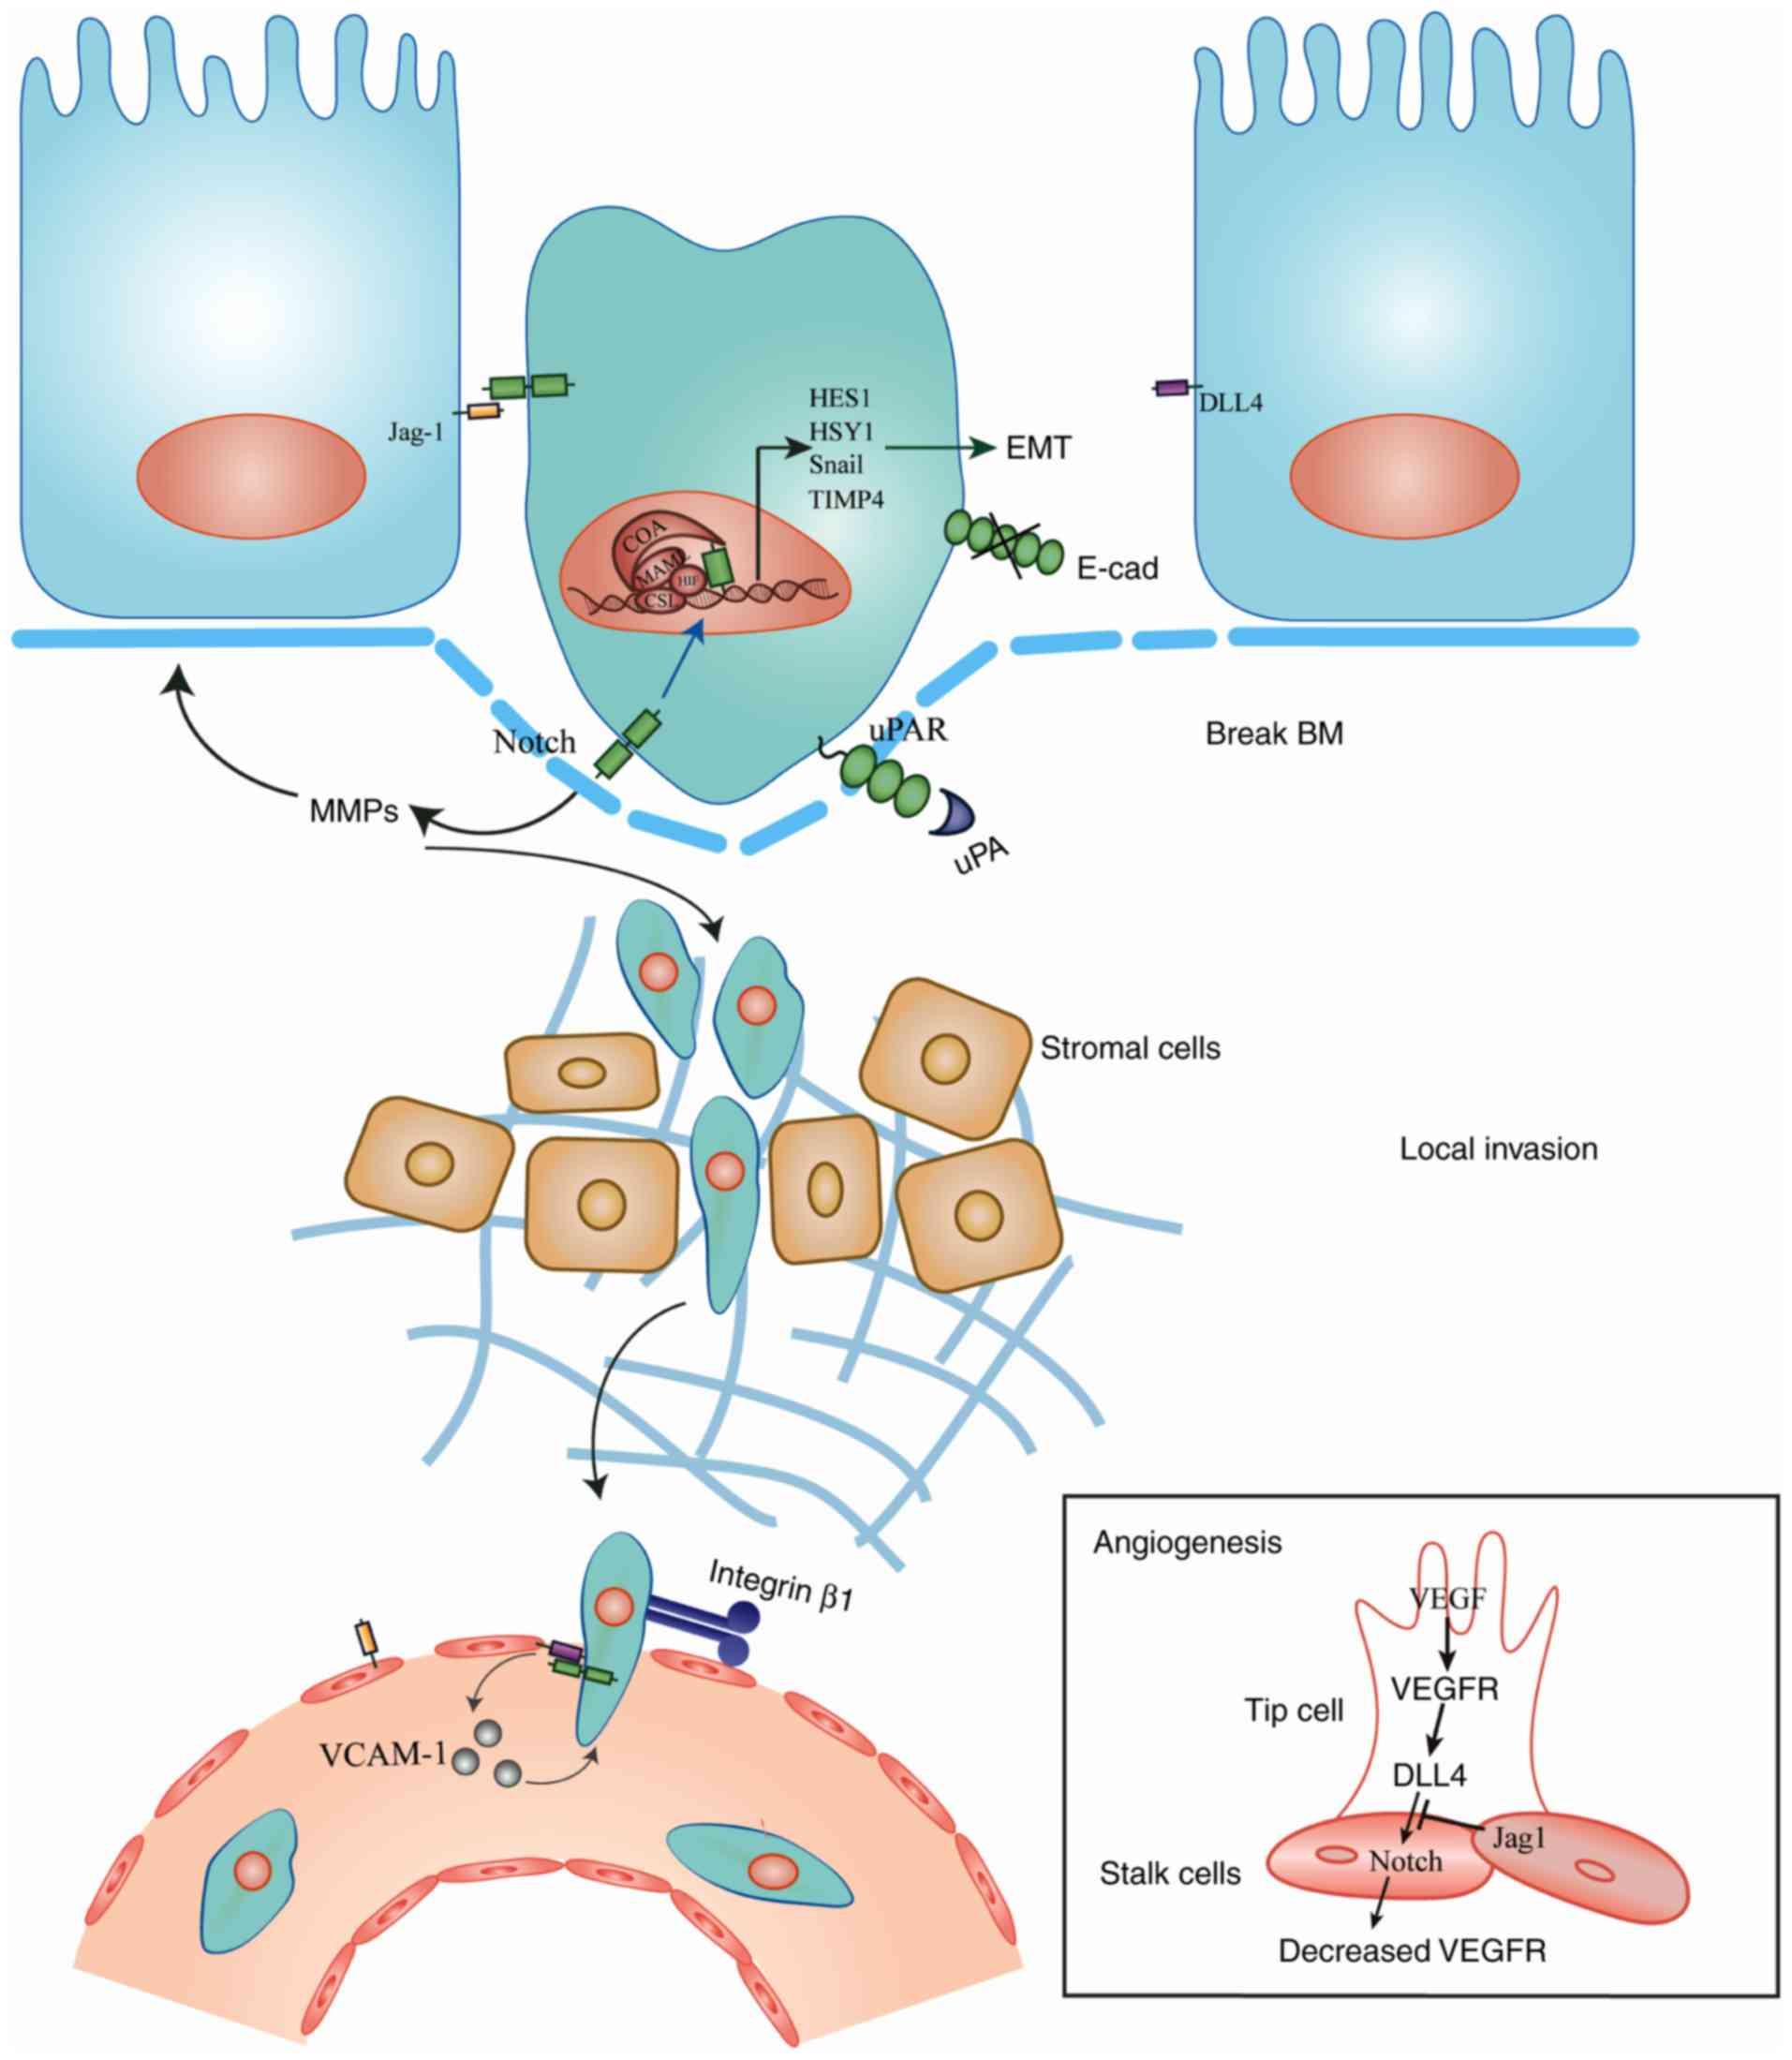 Granulocyte Macrophage Colony-Stimulating Factor Inhibits